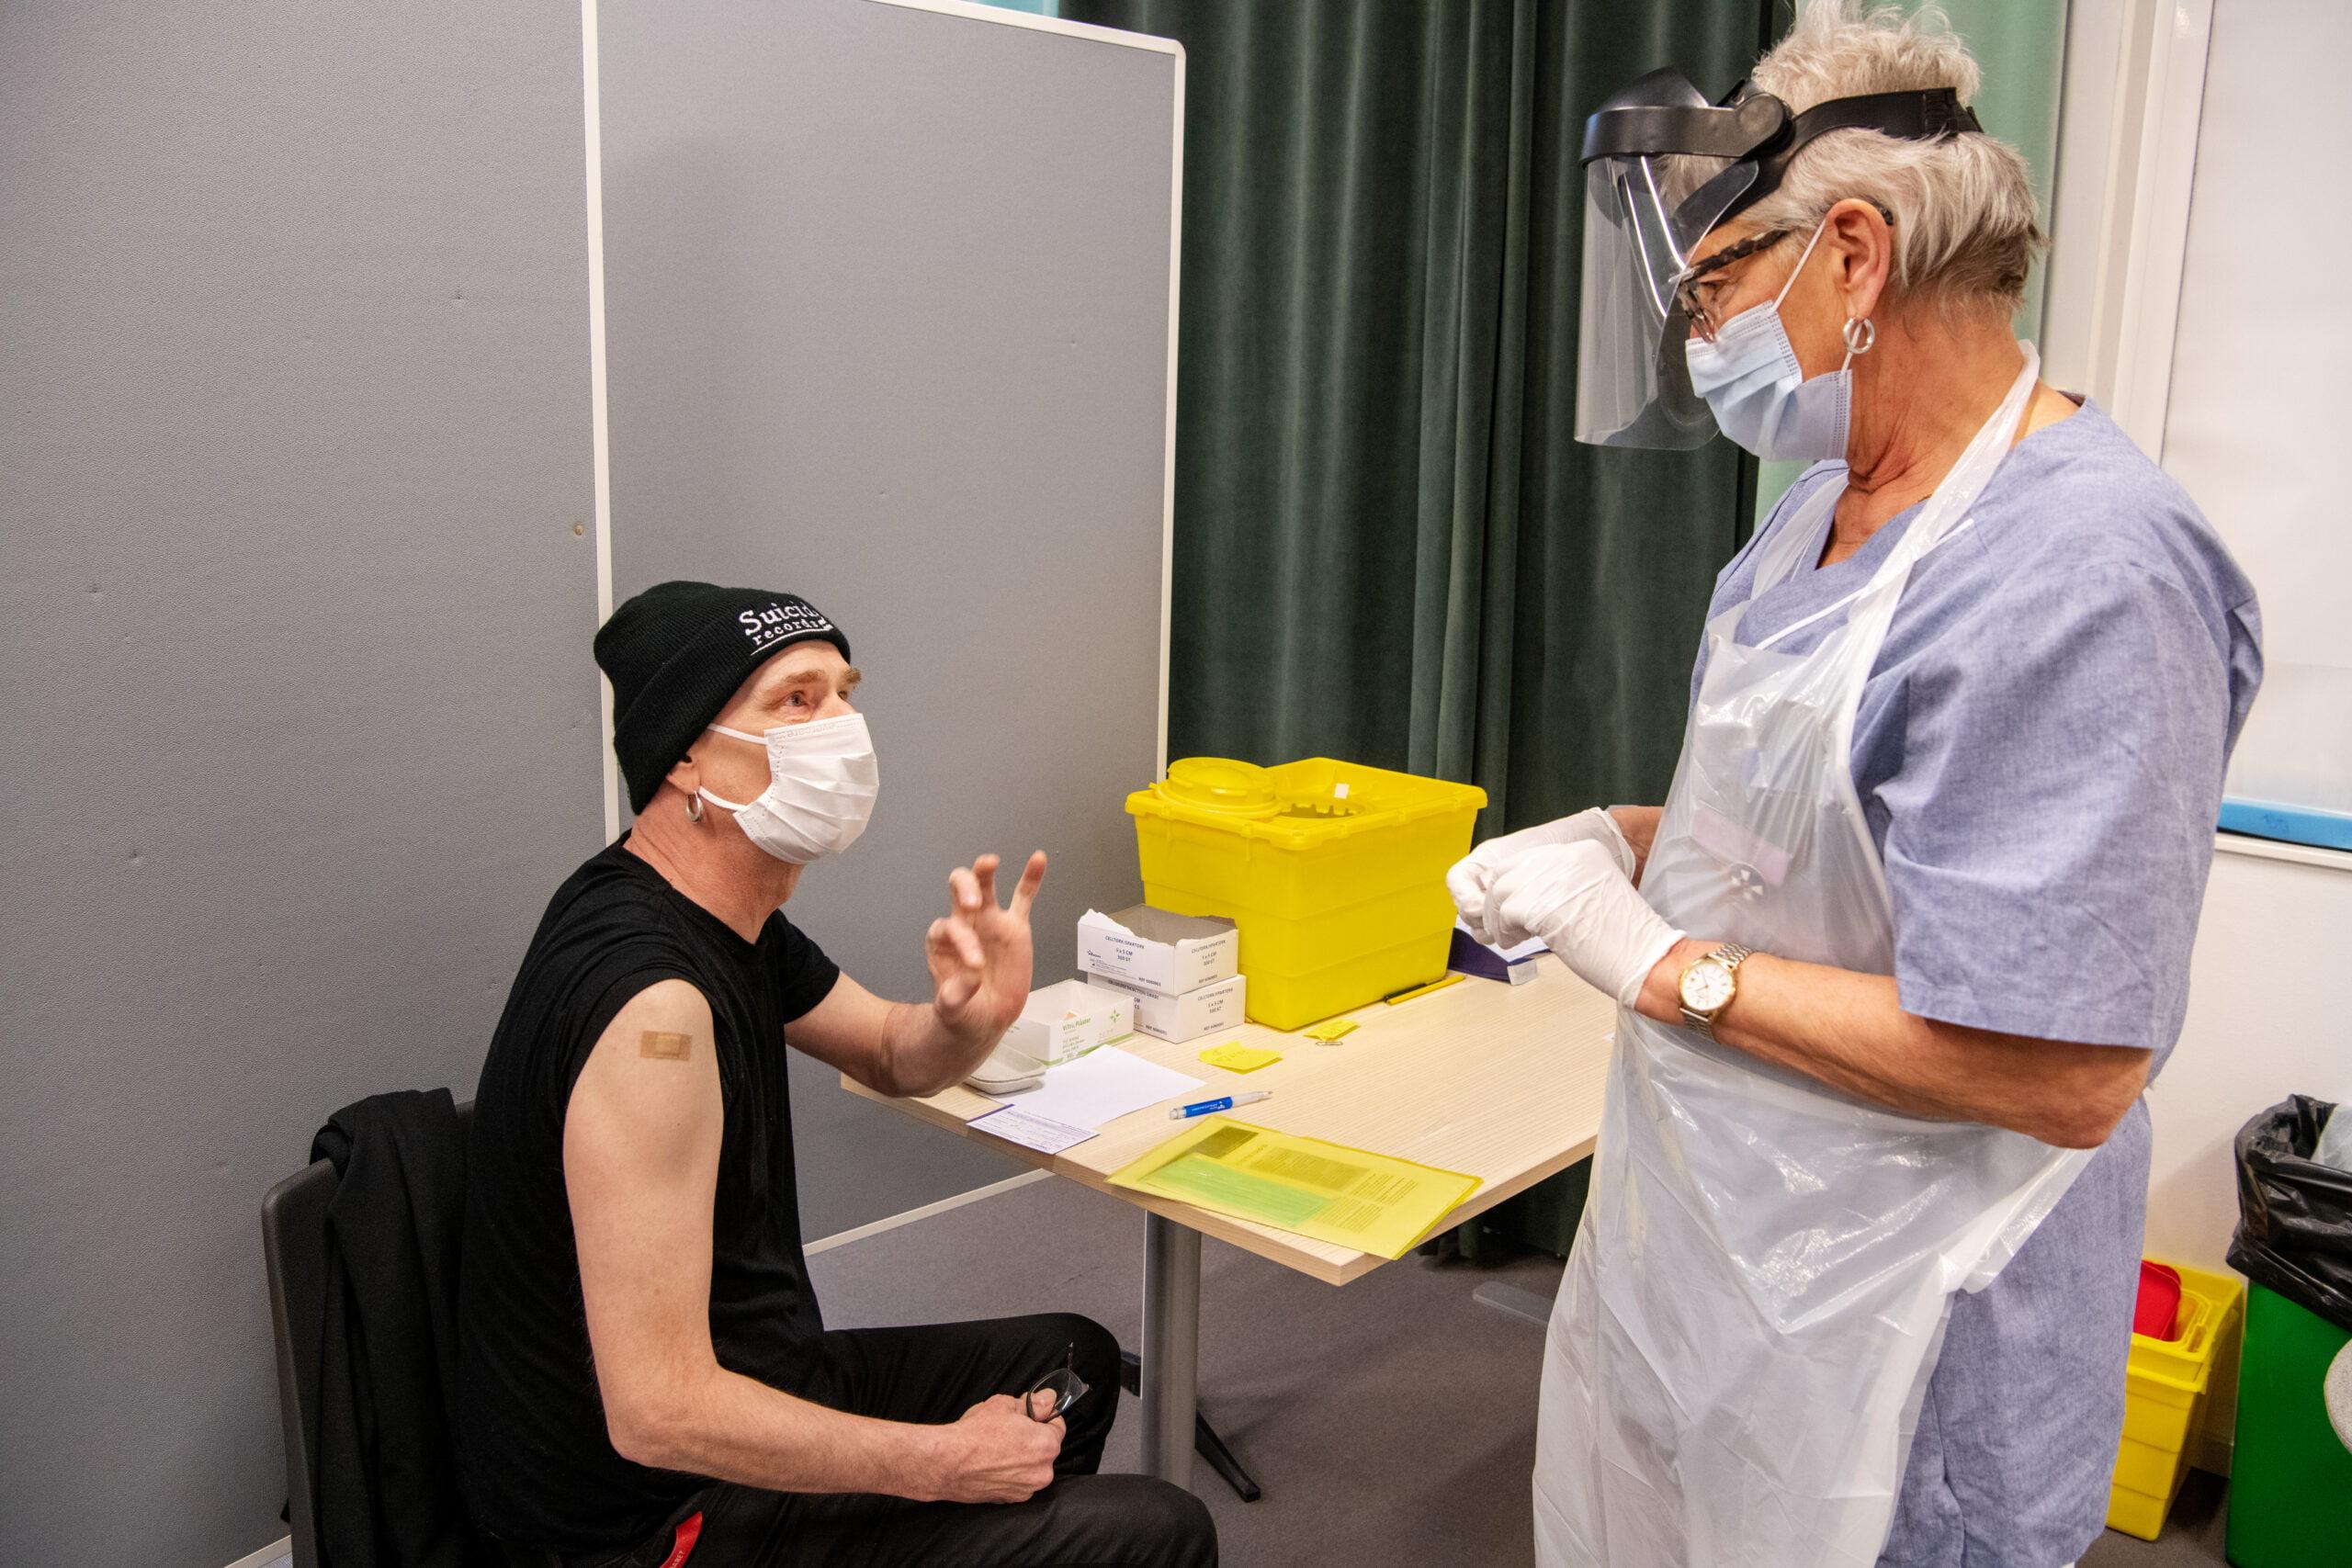 Dan Johansson får rådet av sjuksköterskan Birgitta Bondeson att ta det försiktigt ytterligare ett par veckor efter sista sprutan som han precis har fått. Foto: Kent Eng.